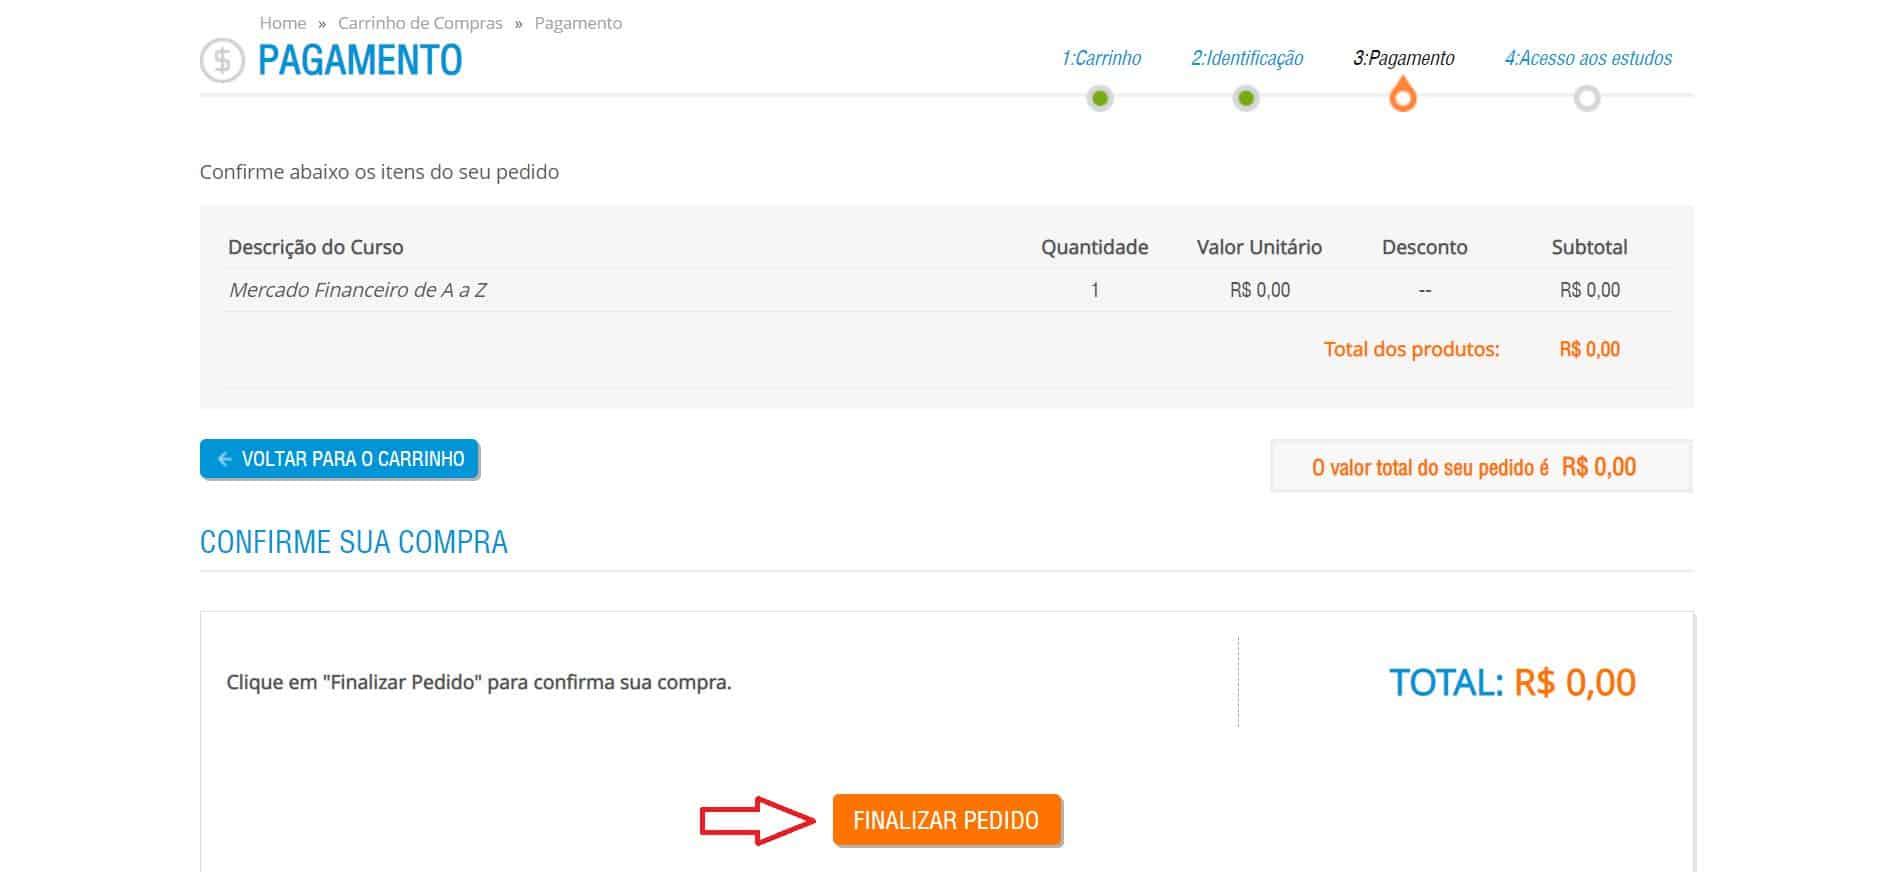 Indicação de como concluir a matrícula no site da ANBIMA